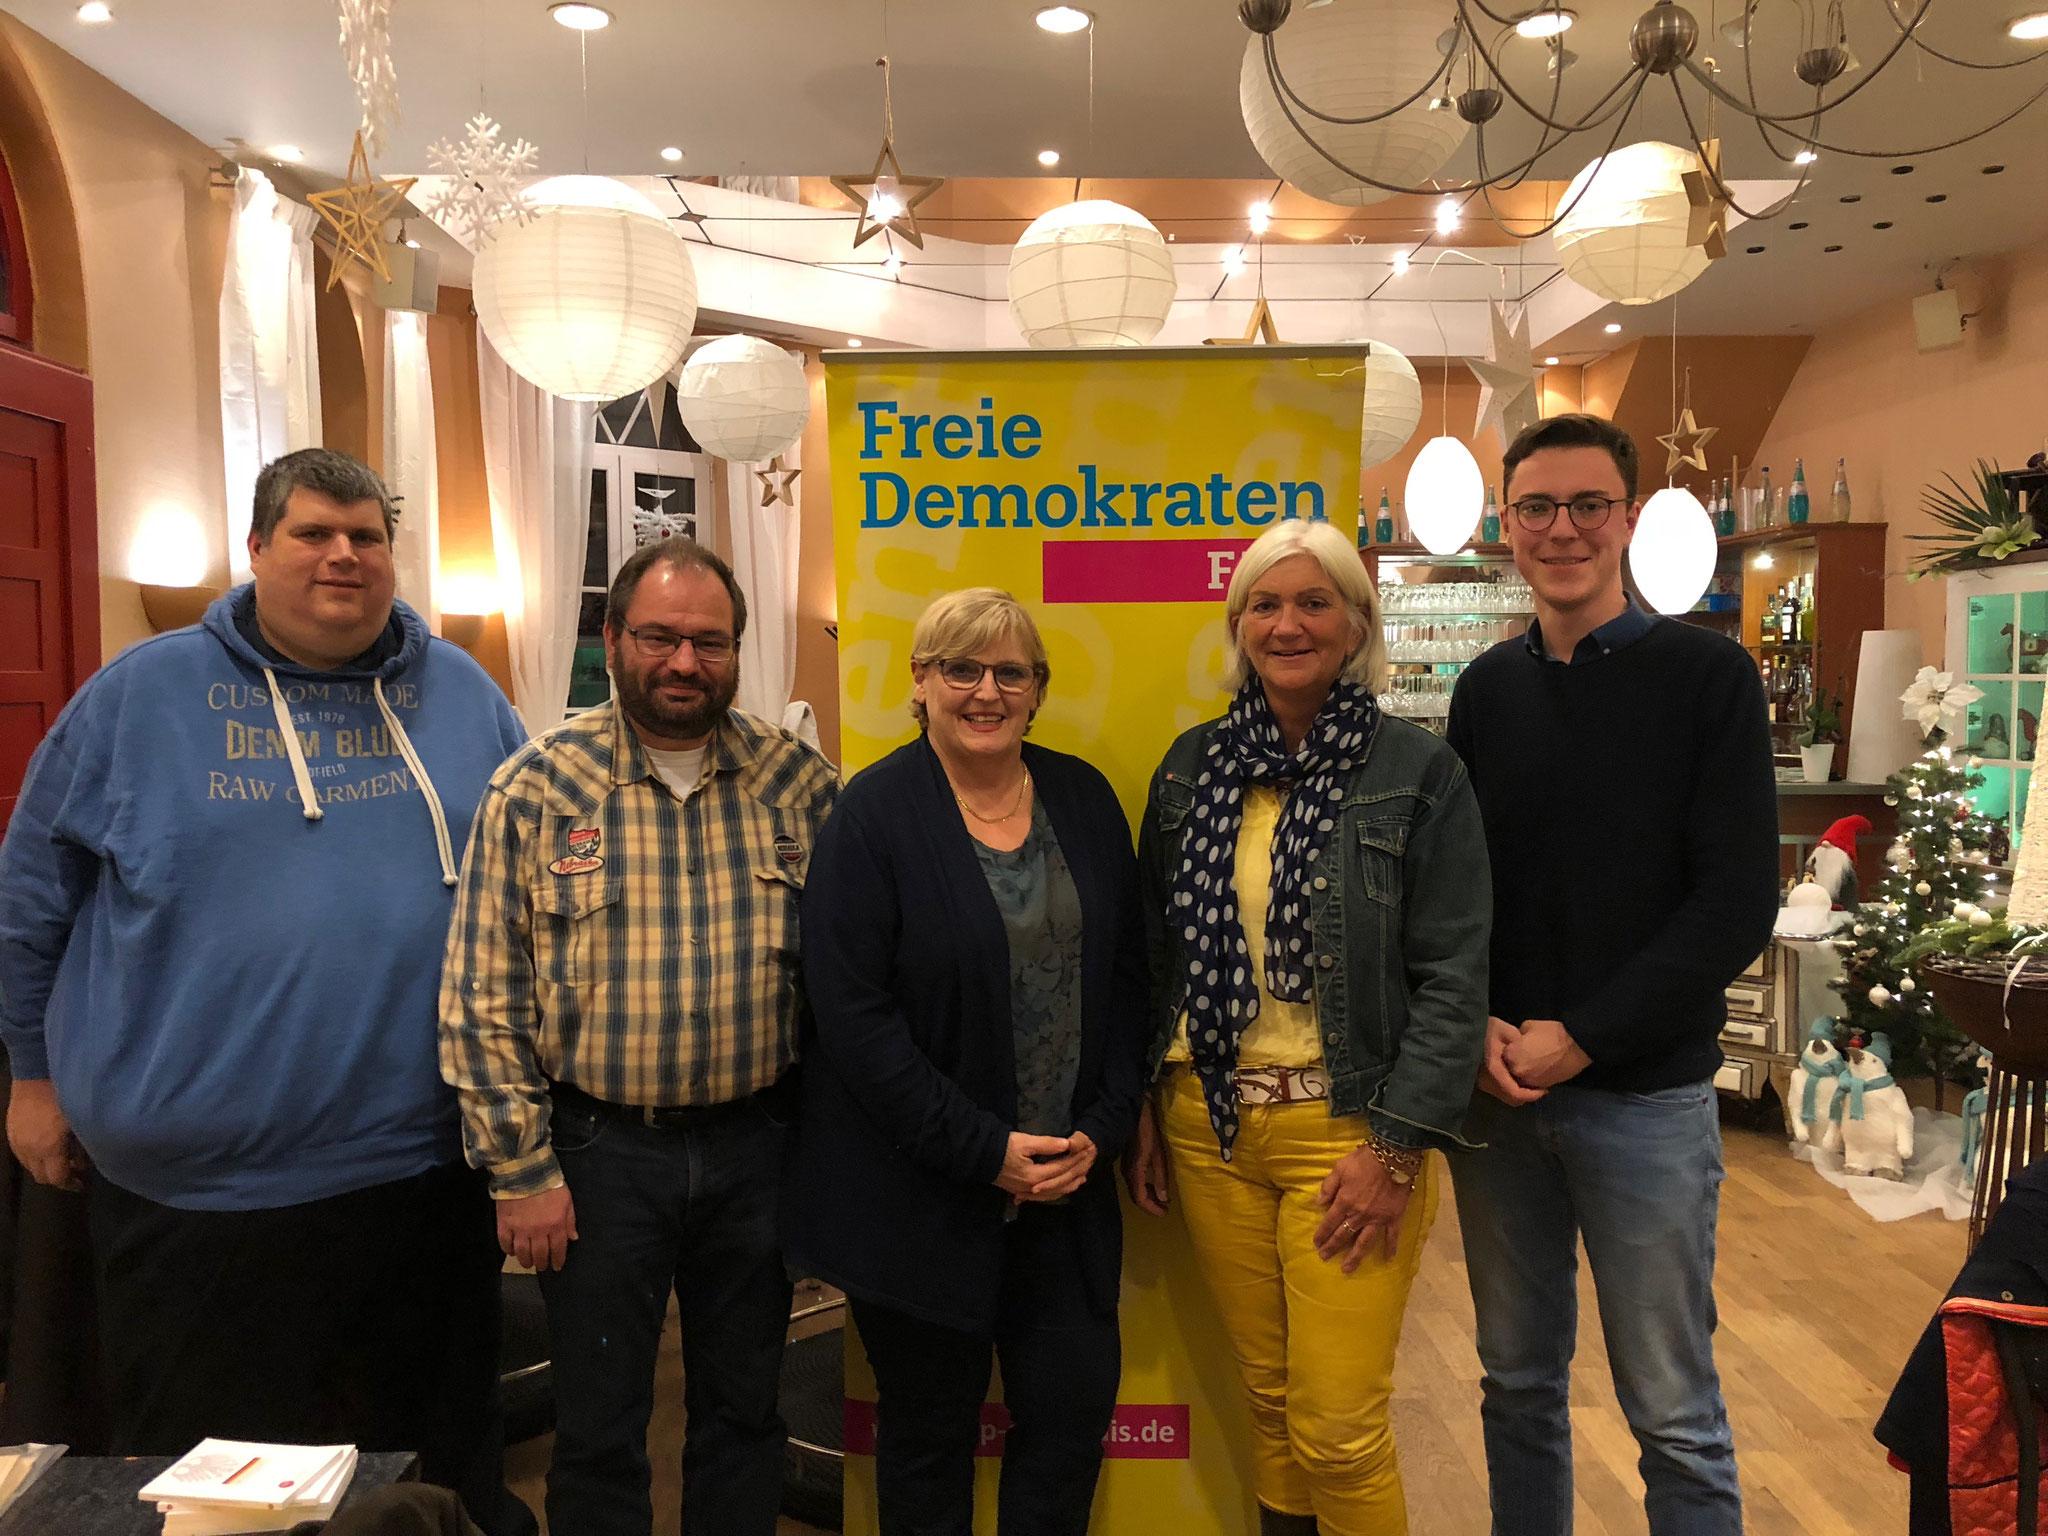 Kreisparteitag mit Listenaufstellung in Hemmersdorf